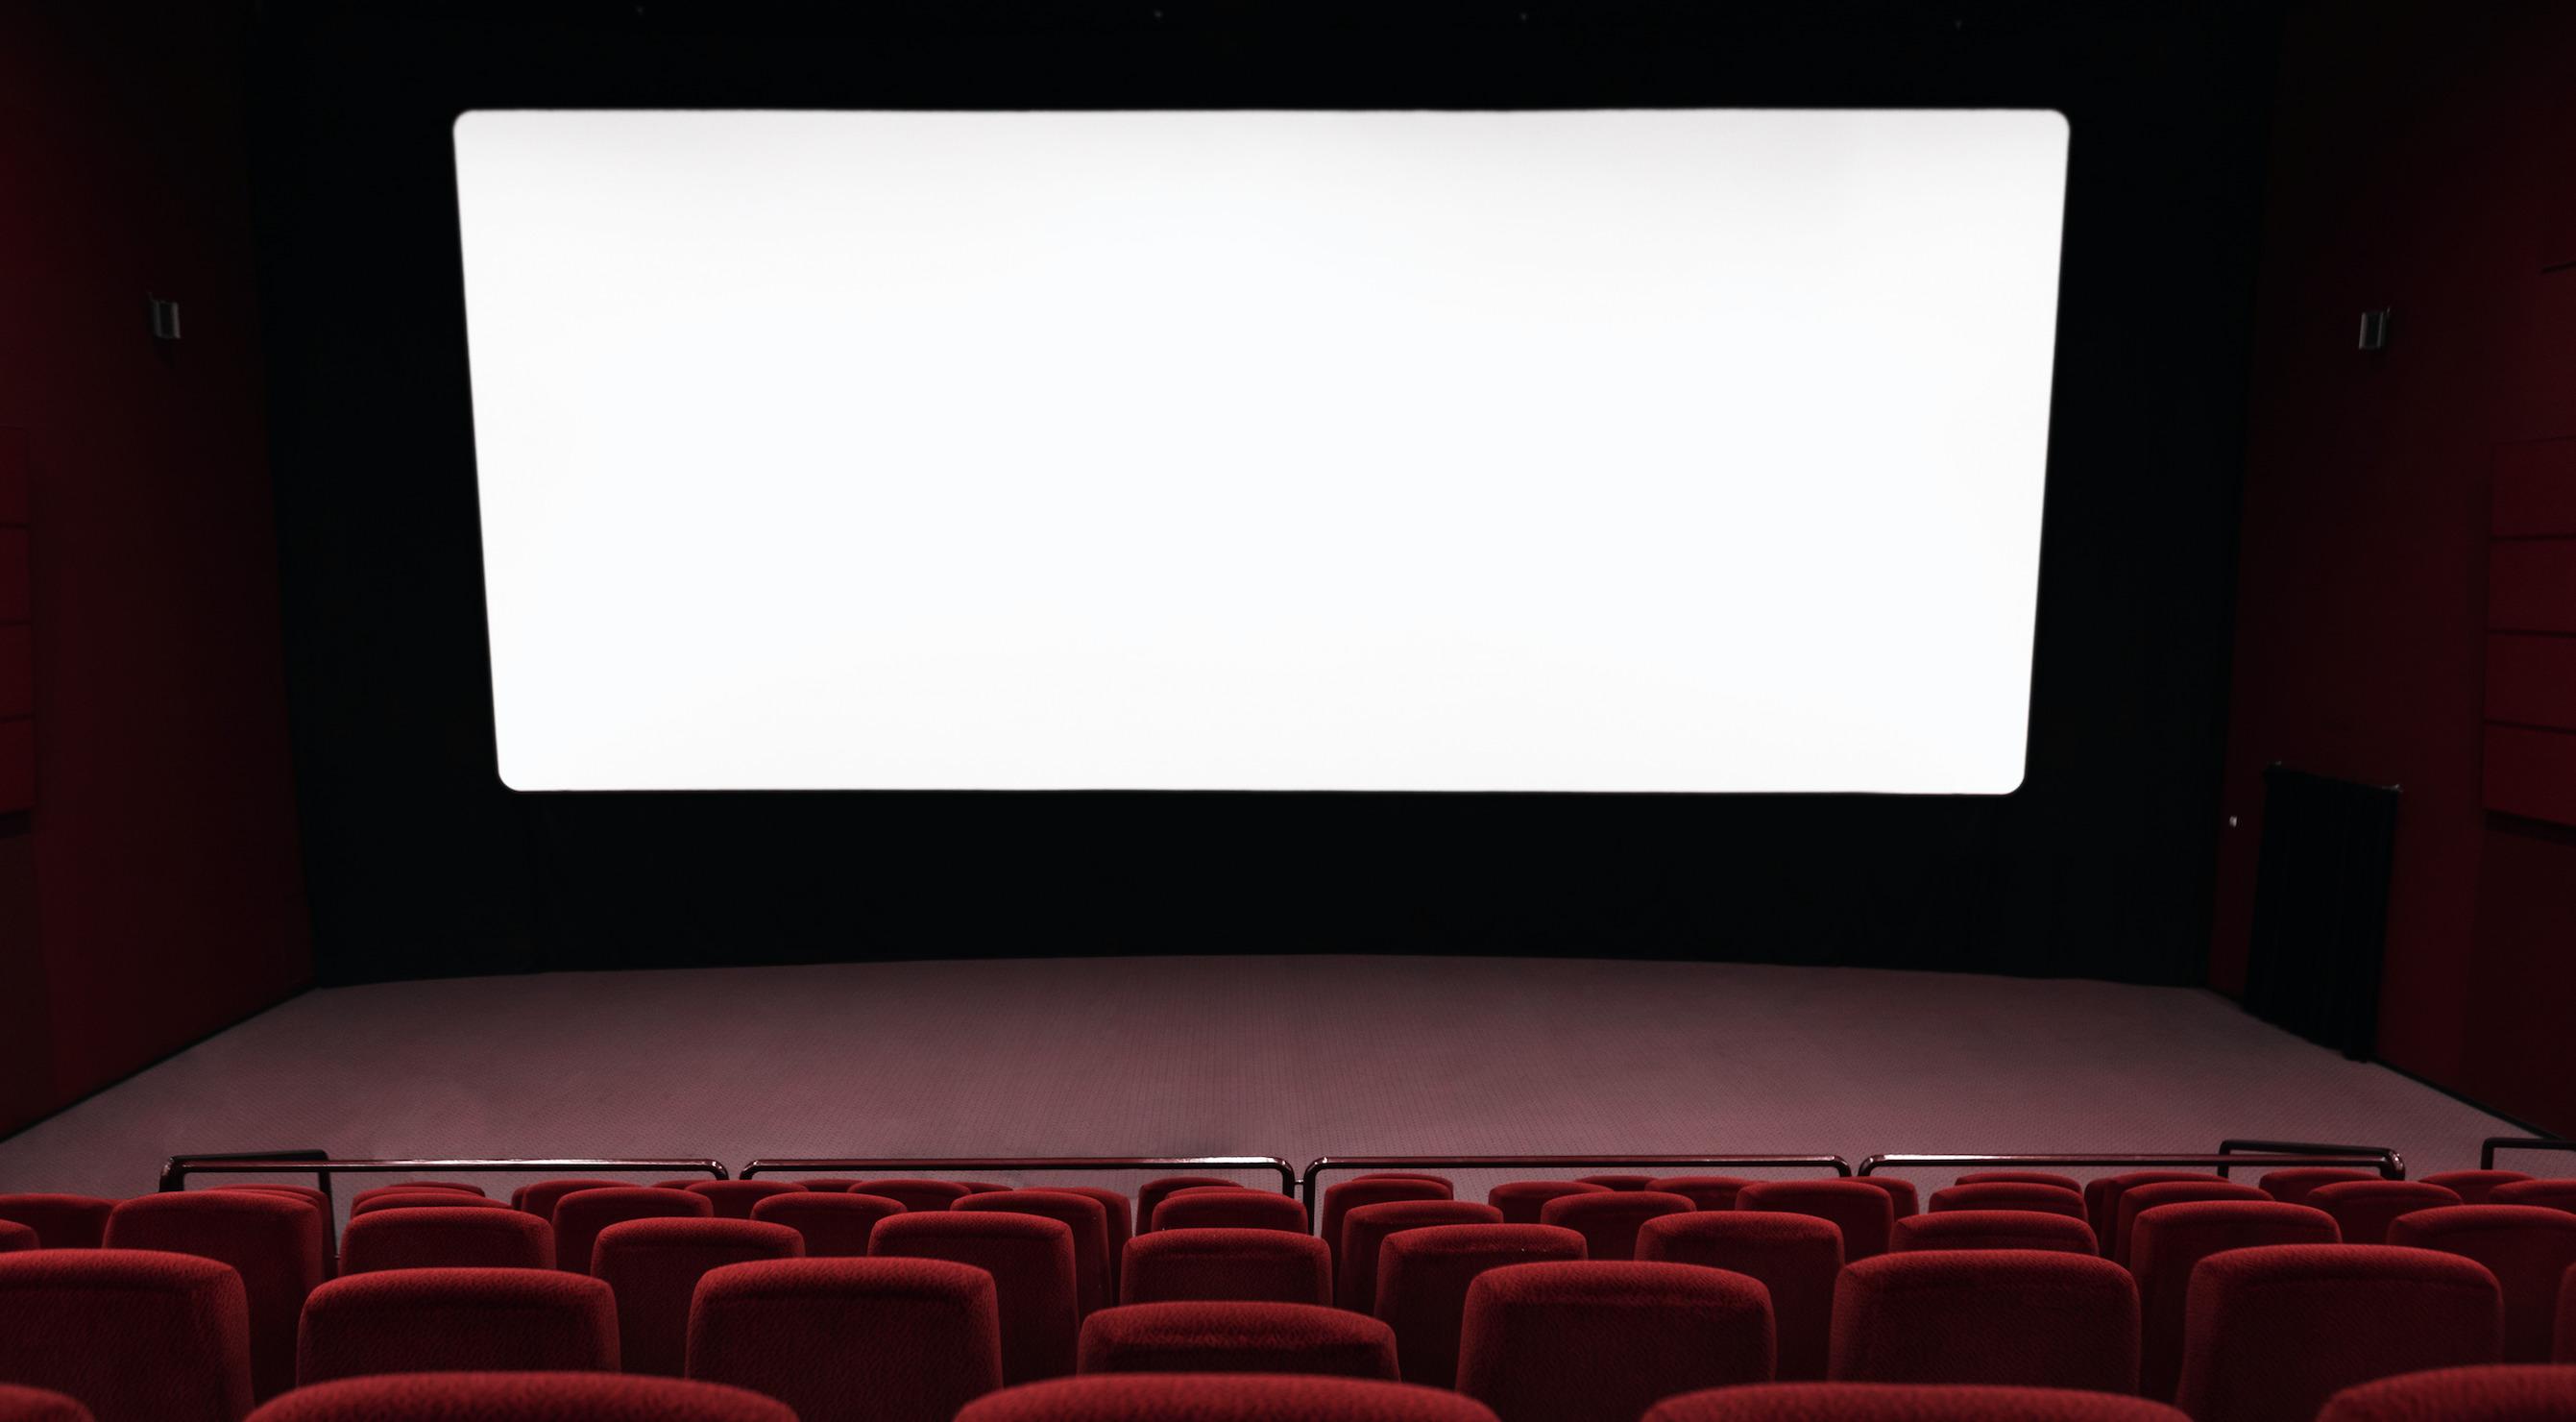 ¿Cuándo abrirán los cines y cuáles serán los primeros estrenos?